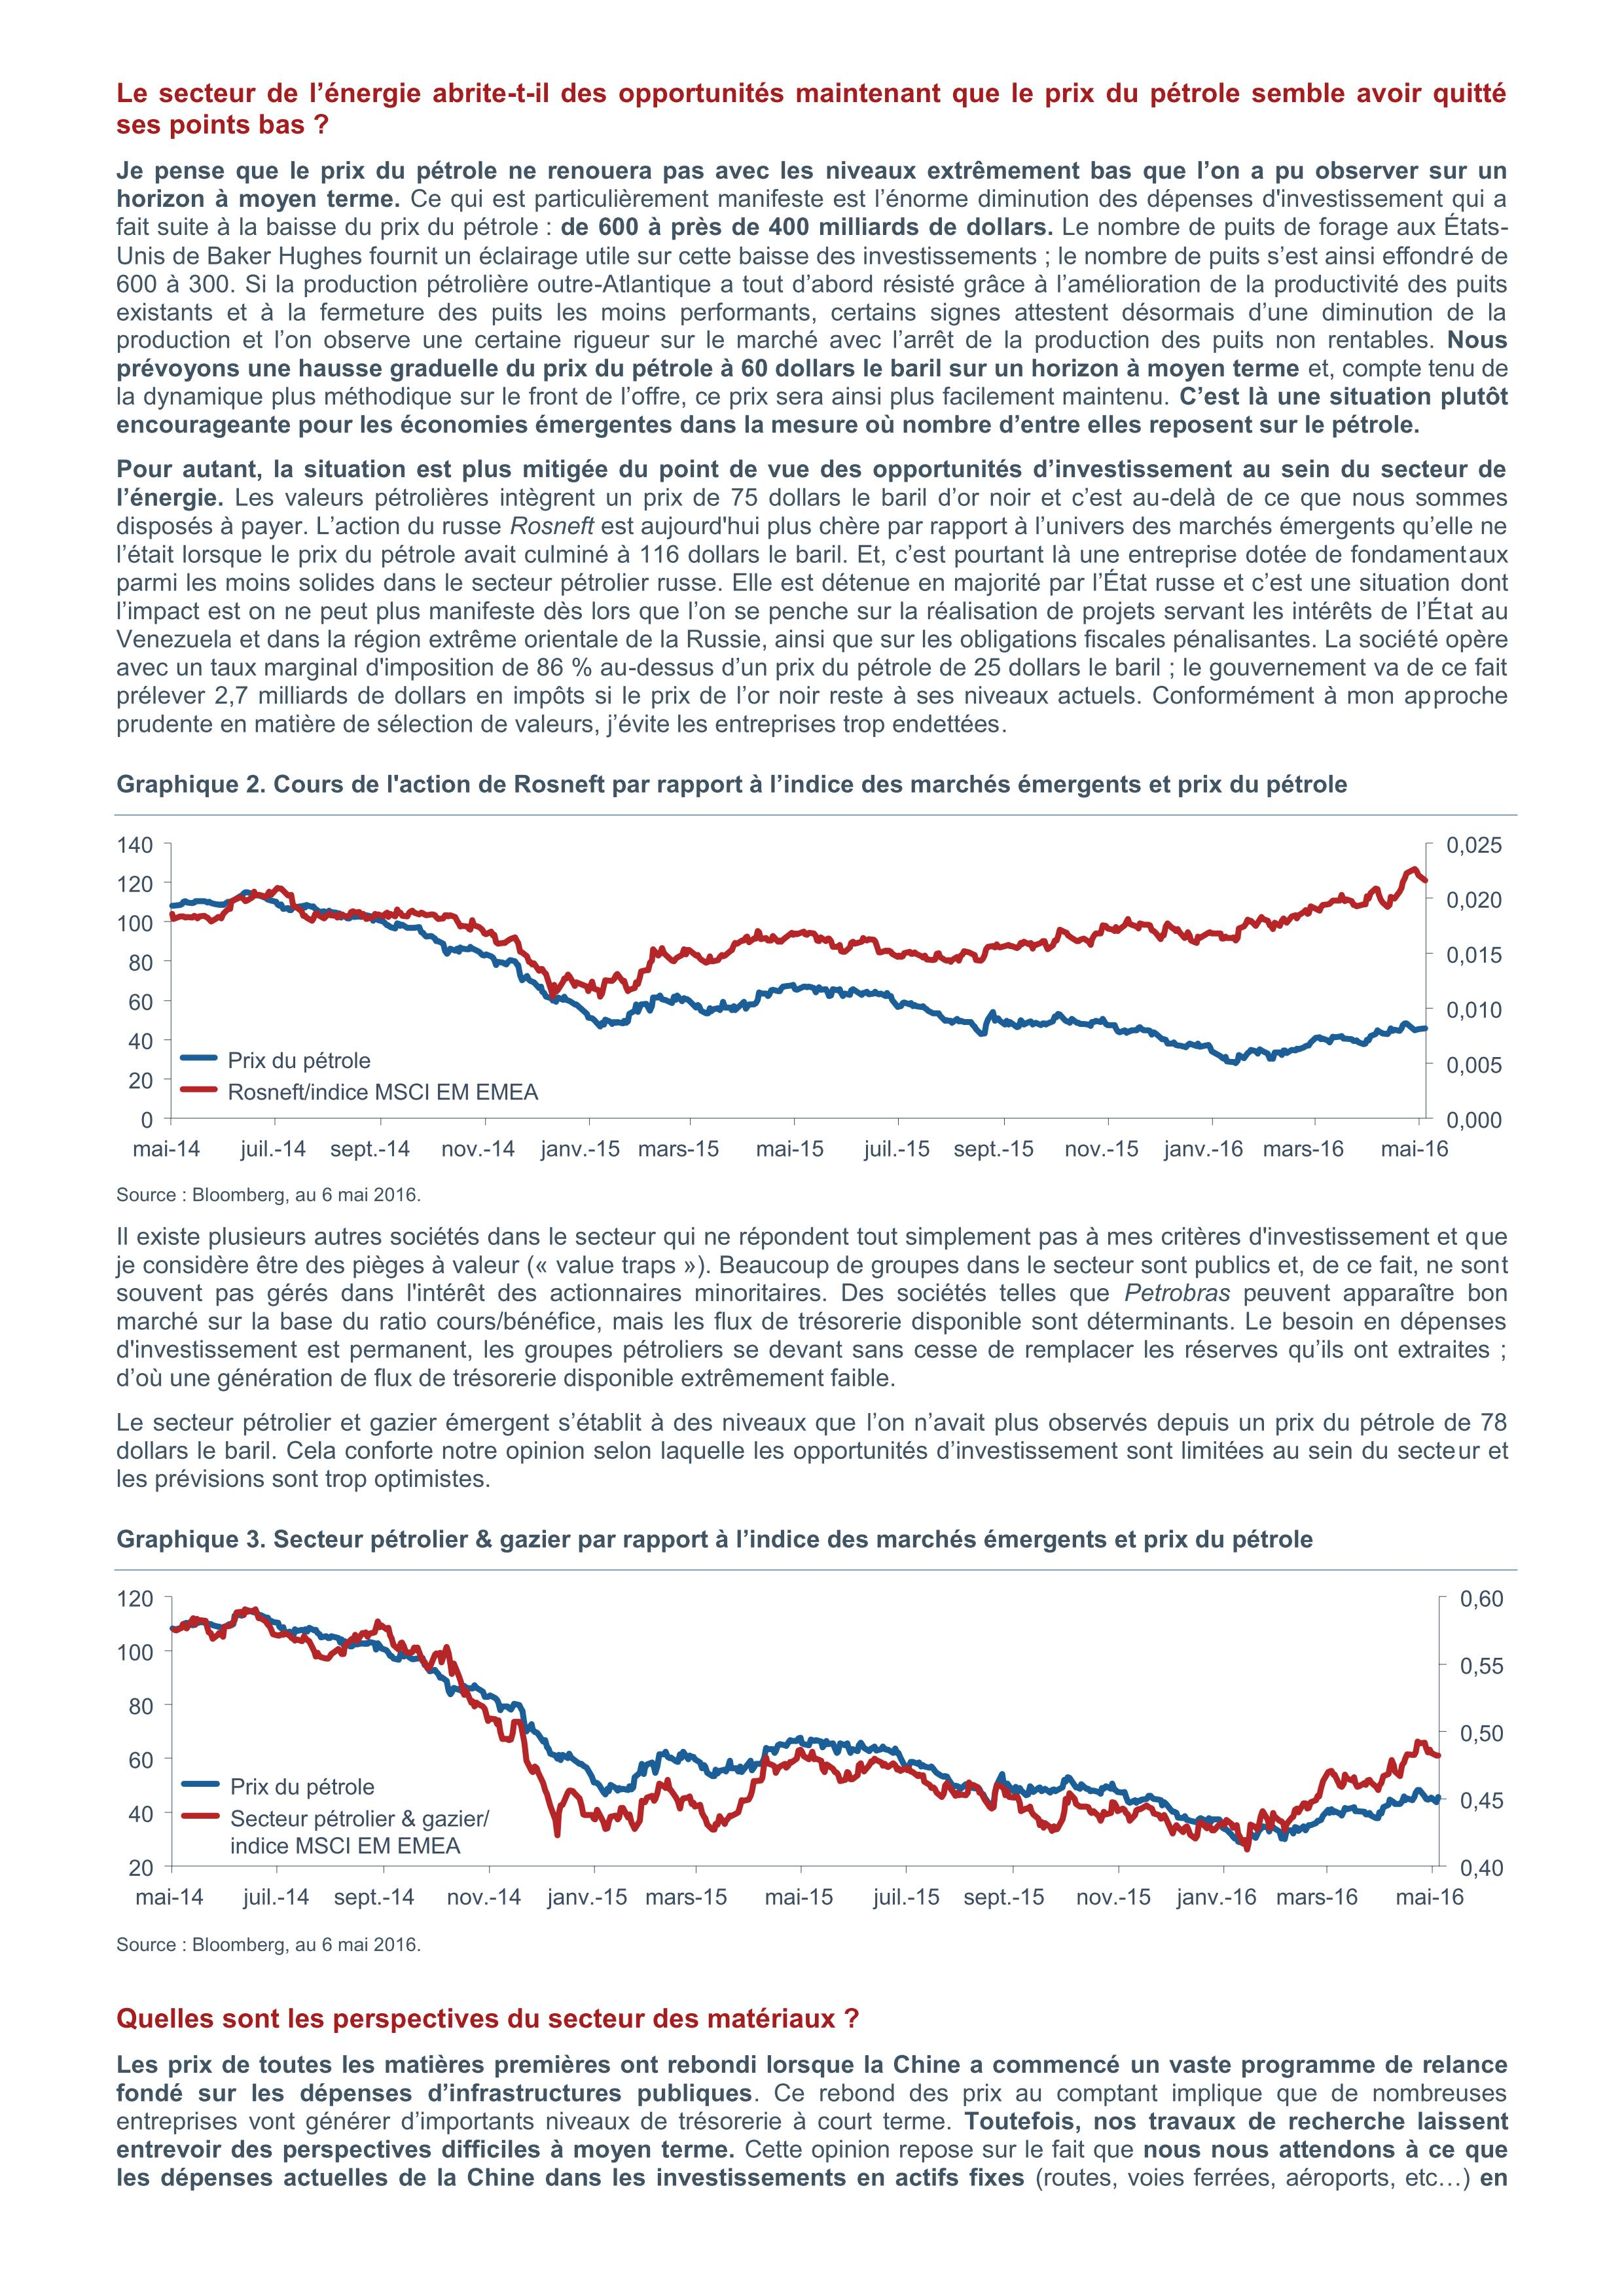 Fidelity - Flash marchés - Marchés émergents - Mai 2016_02